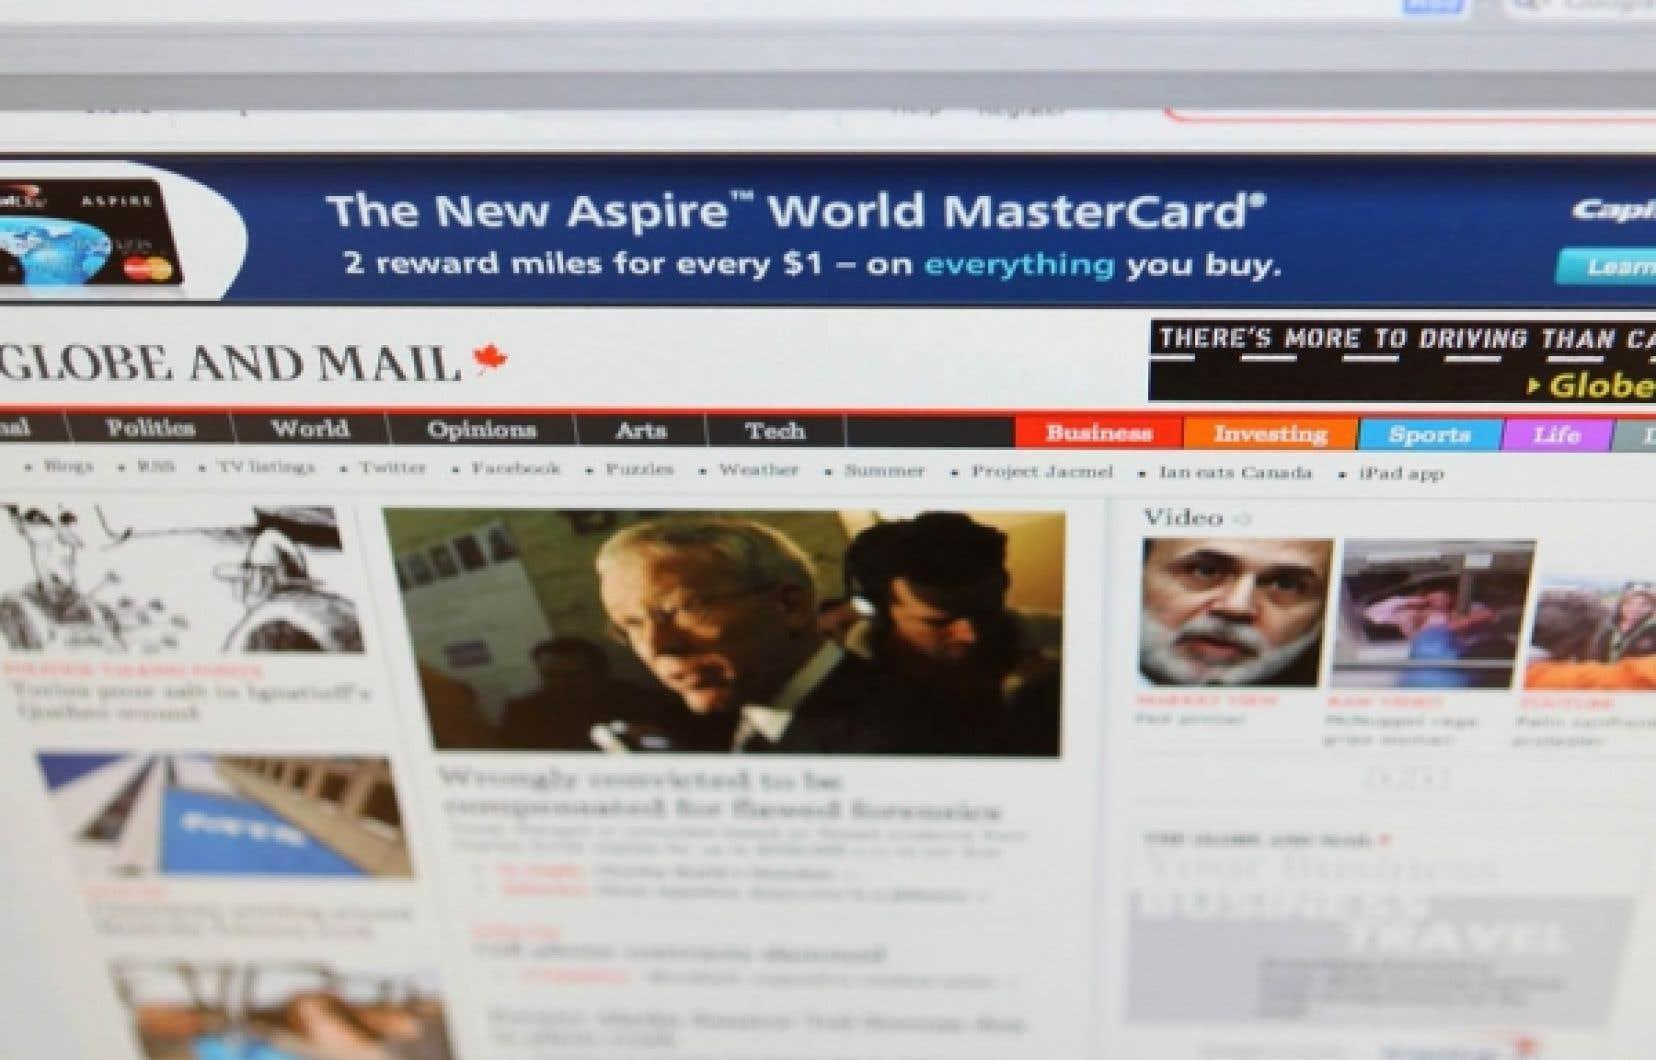 L'industrie interactive est la seule à avoir connu une hausse de ses revenus publicitaires au cours de l'année 2009. Ses revenus publicitaires ont aussi doublé de 2006 à 2009.<br />